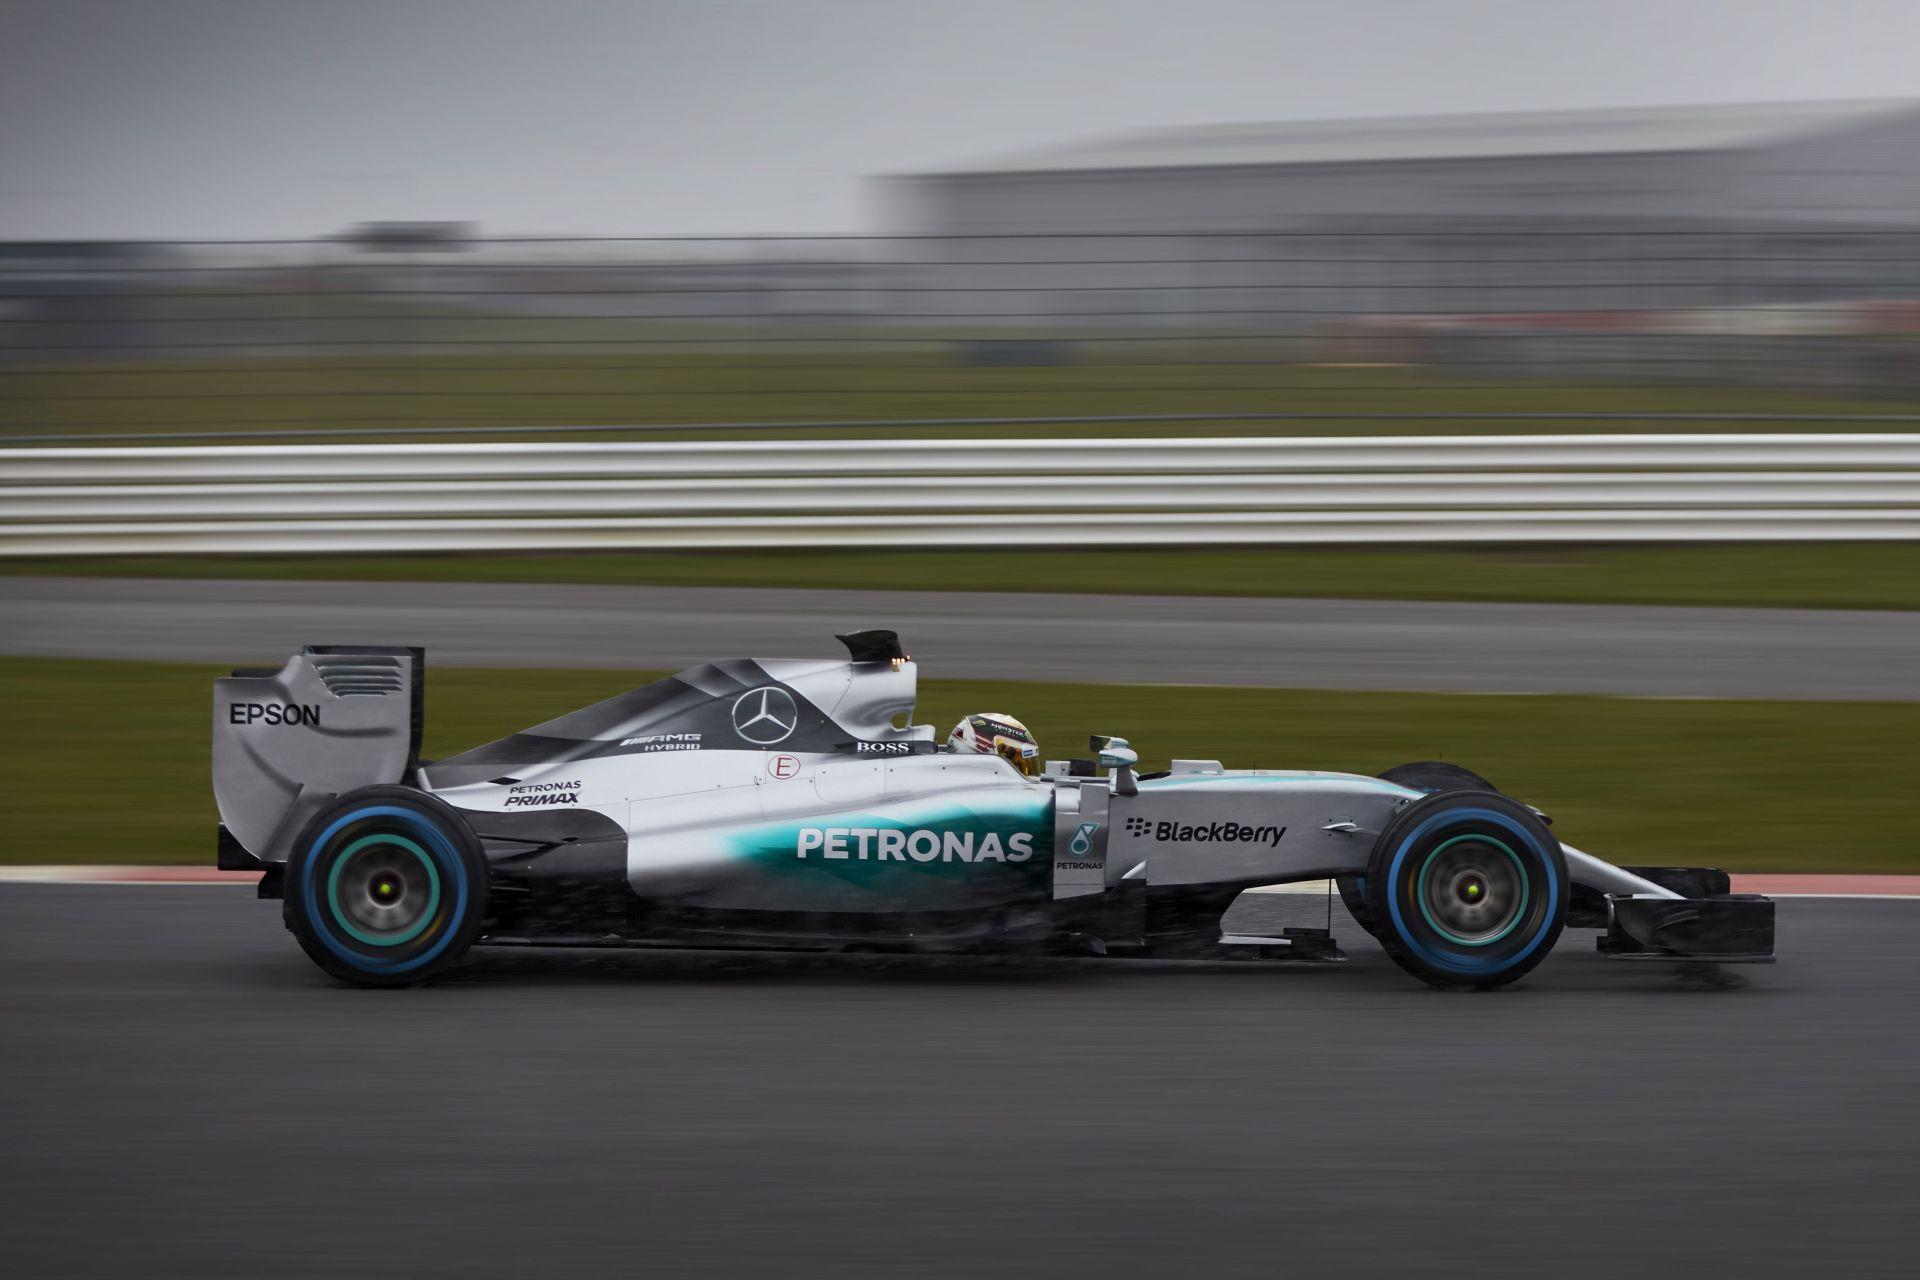 Kigurult a Mercedes W06 Jerezben: Bemutató a csapattal